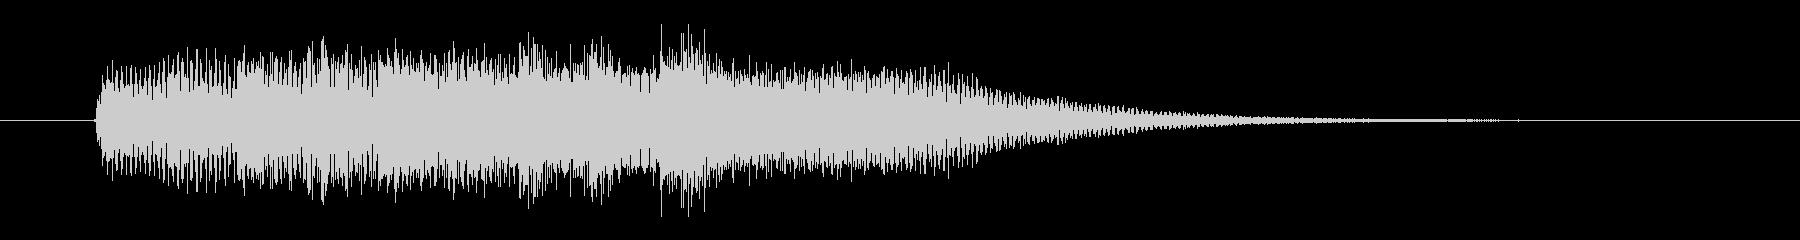 チャラララーン(秘密が明らかになる感じ)の未再生の波形